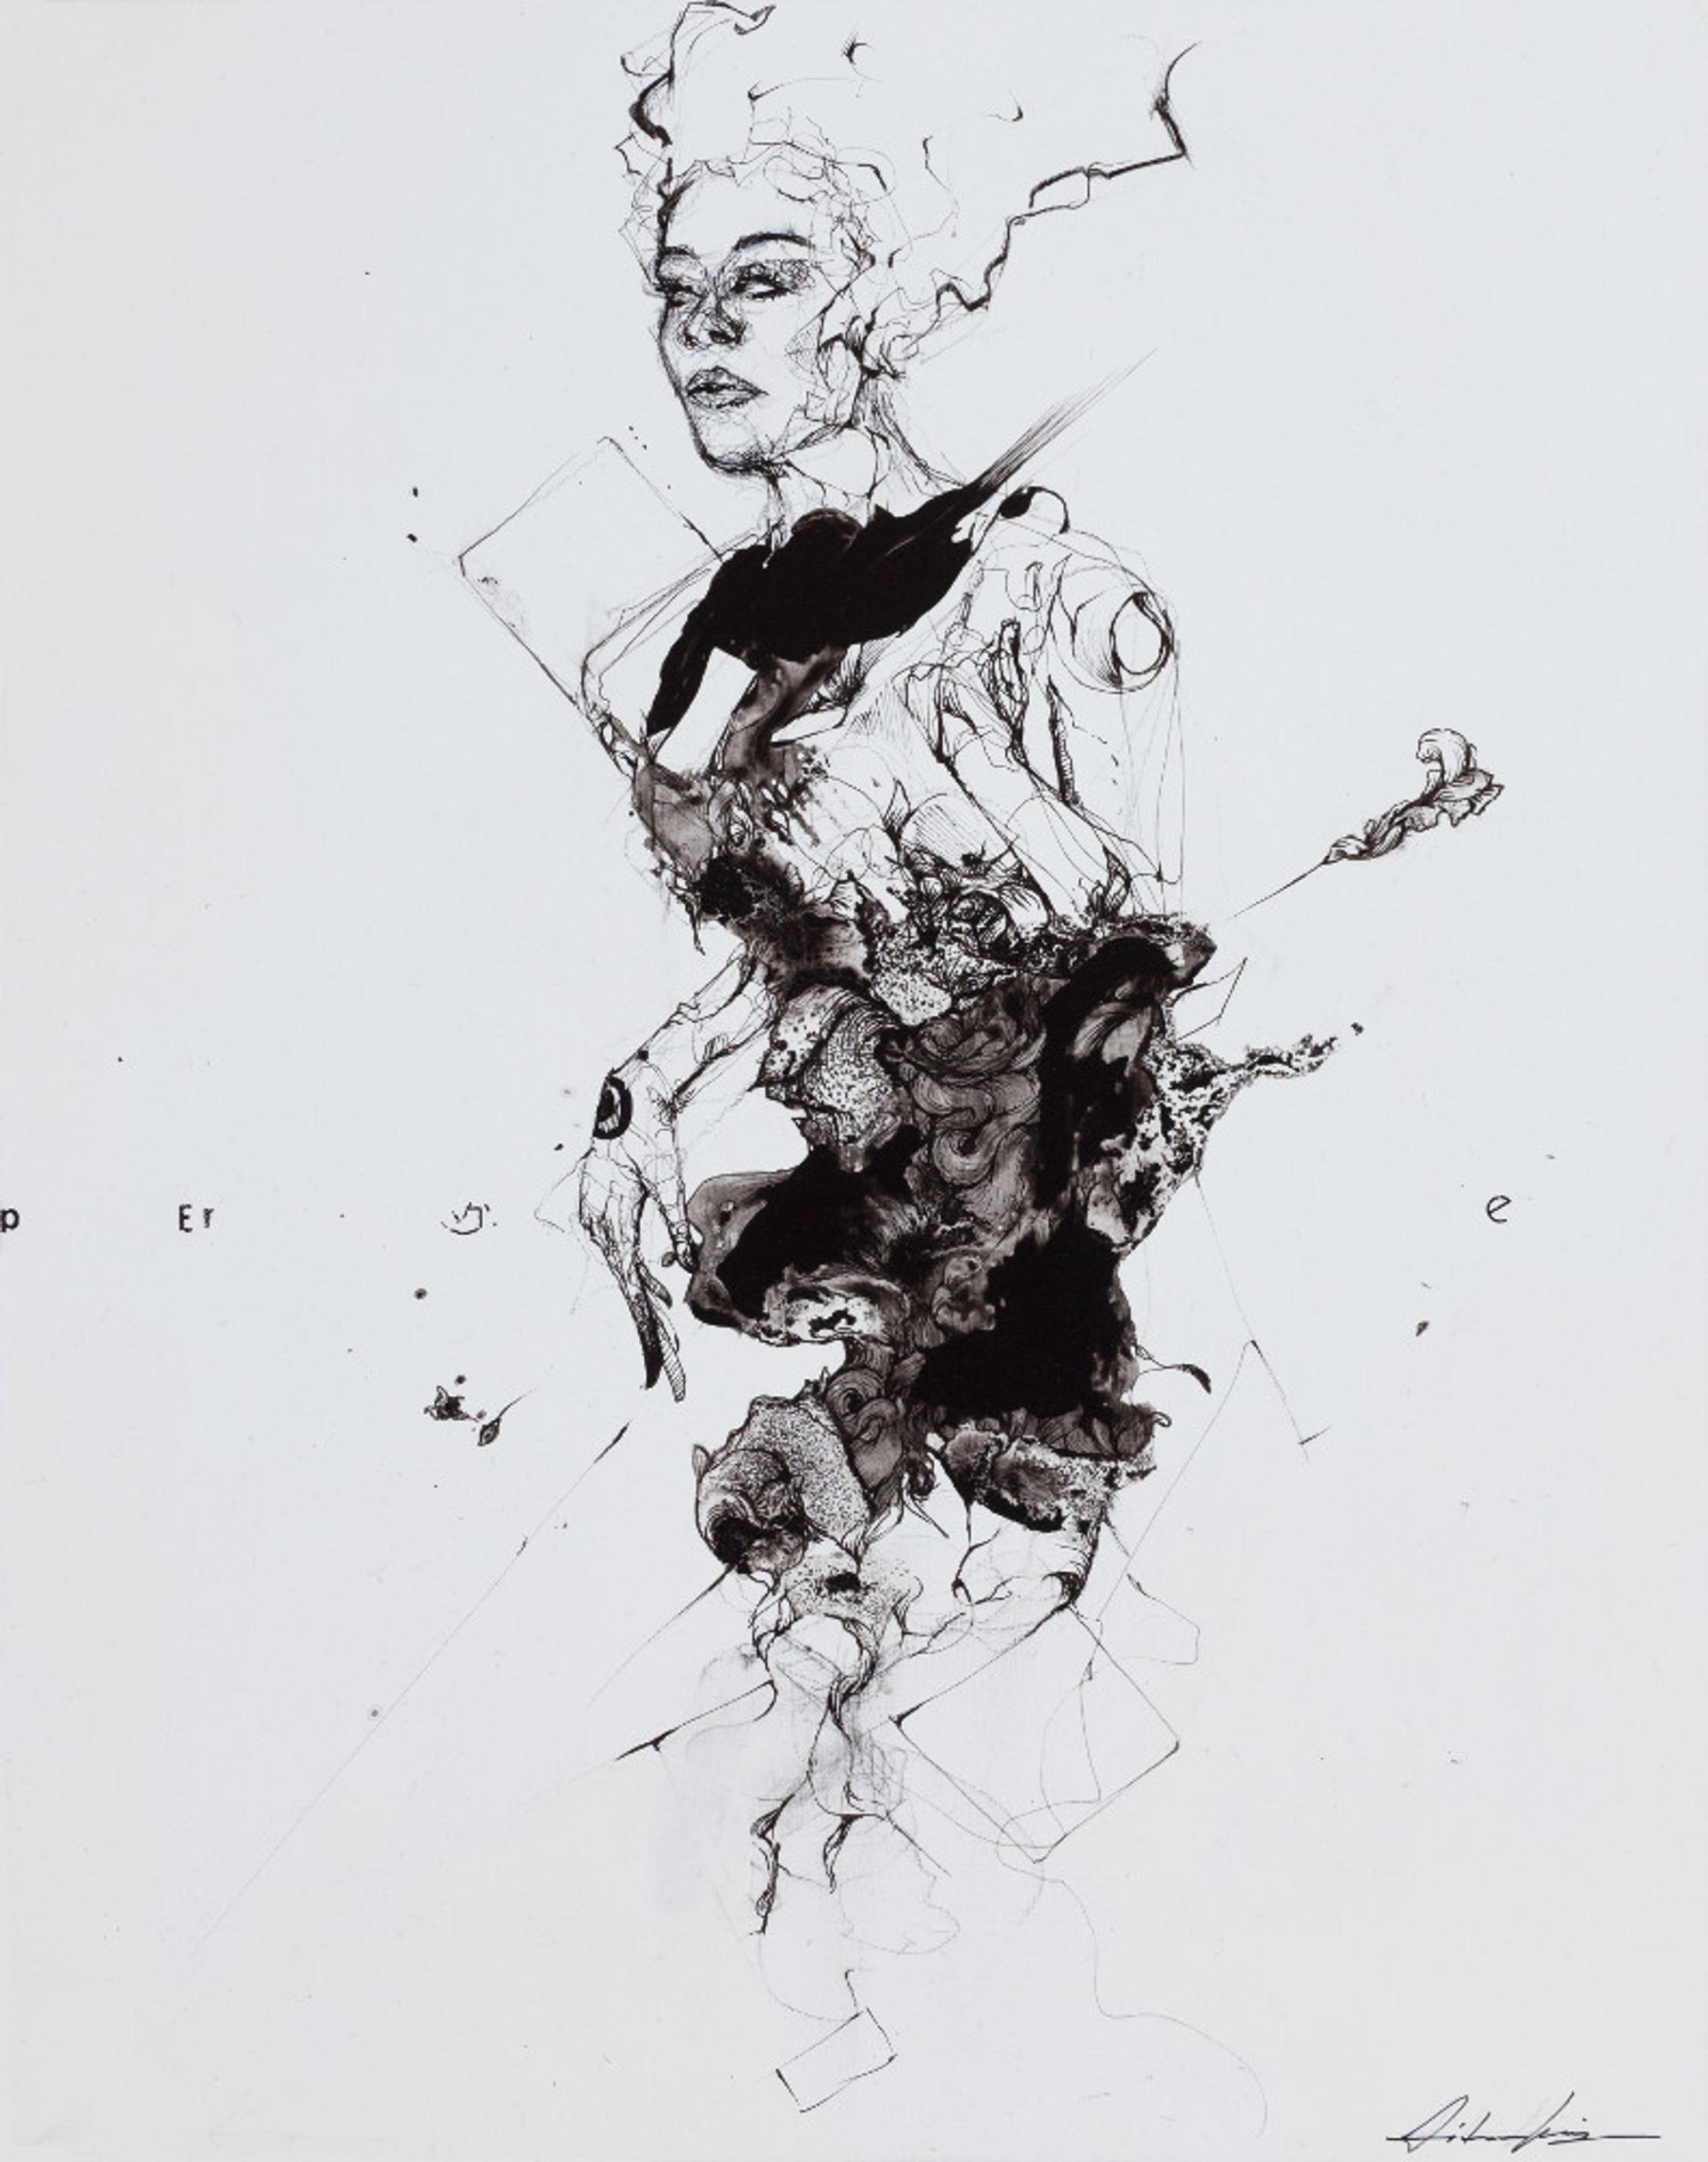 Composure 4 by Aiden Kringen